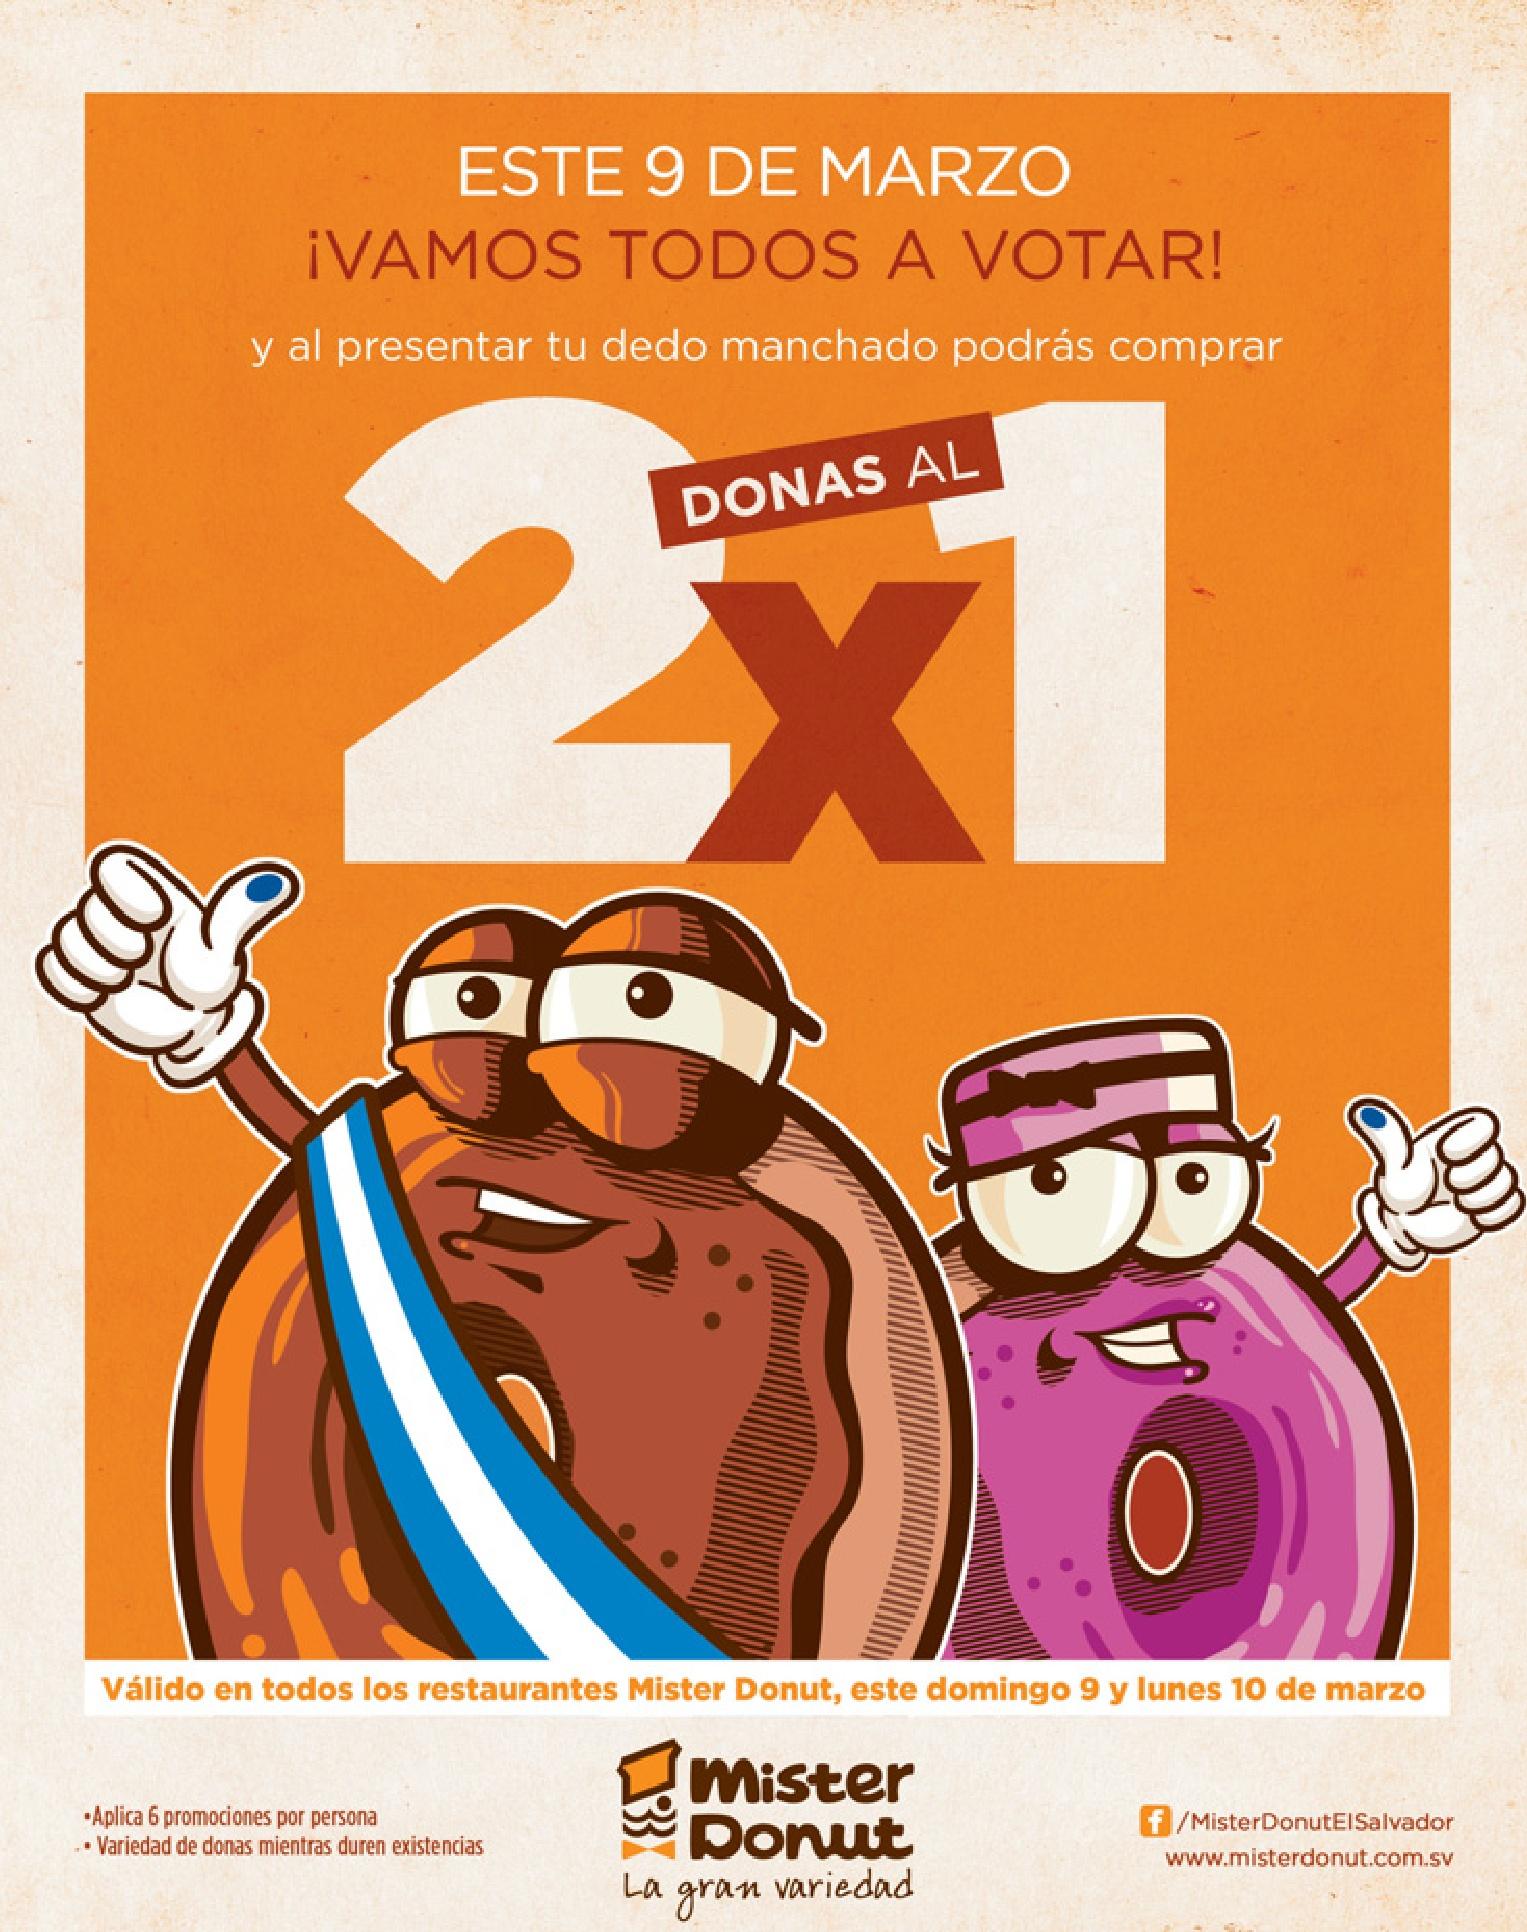 MISTER DONUT este 9 de marzo vamos a votar Donas 2x1